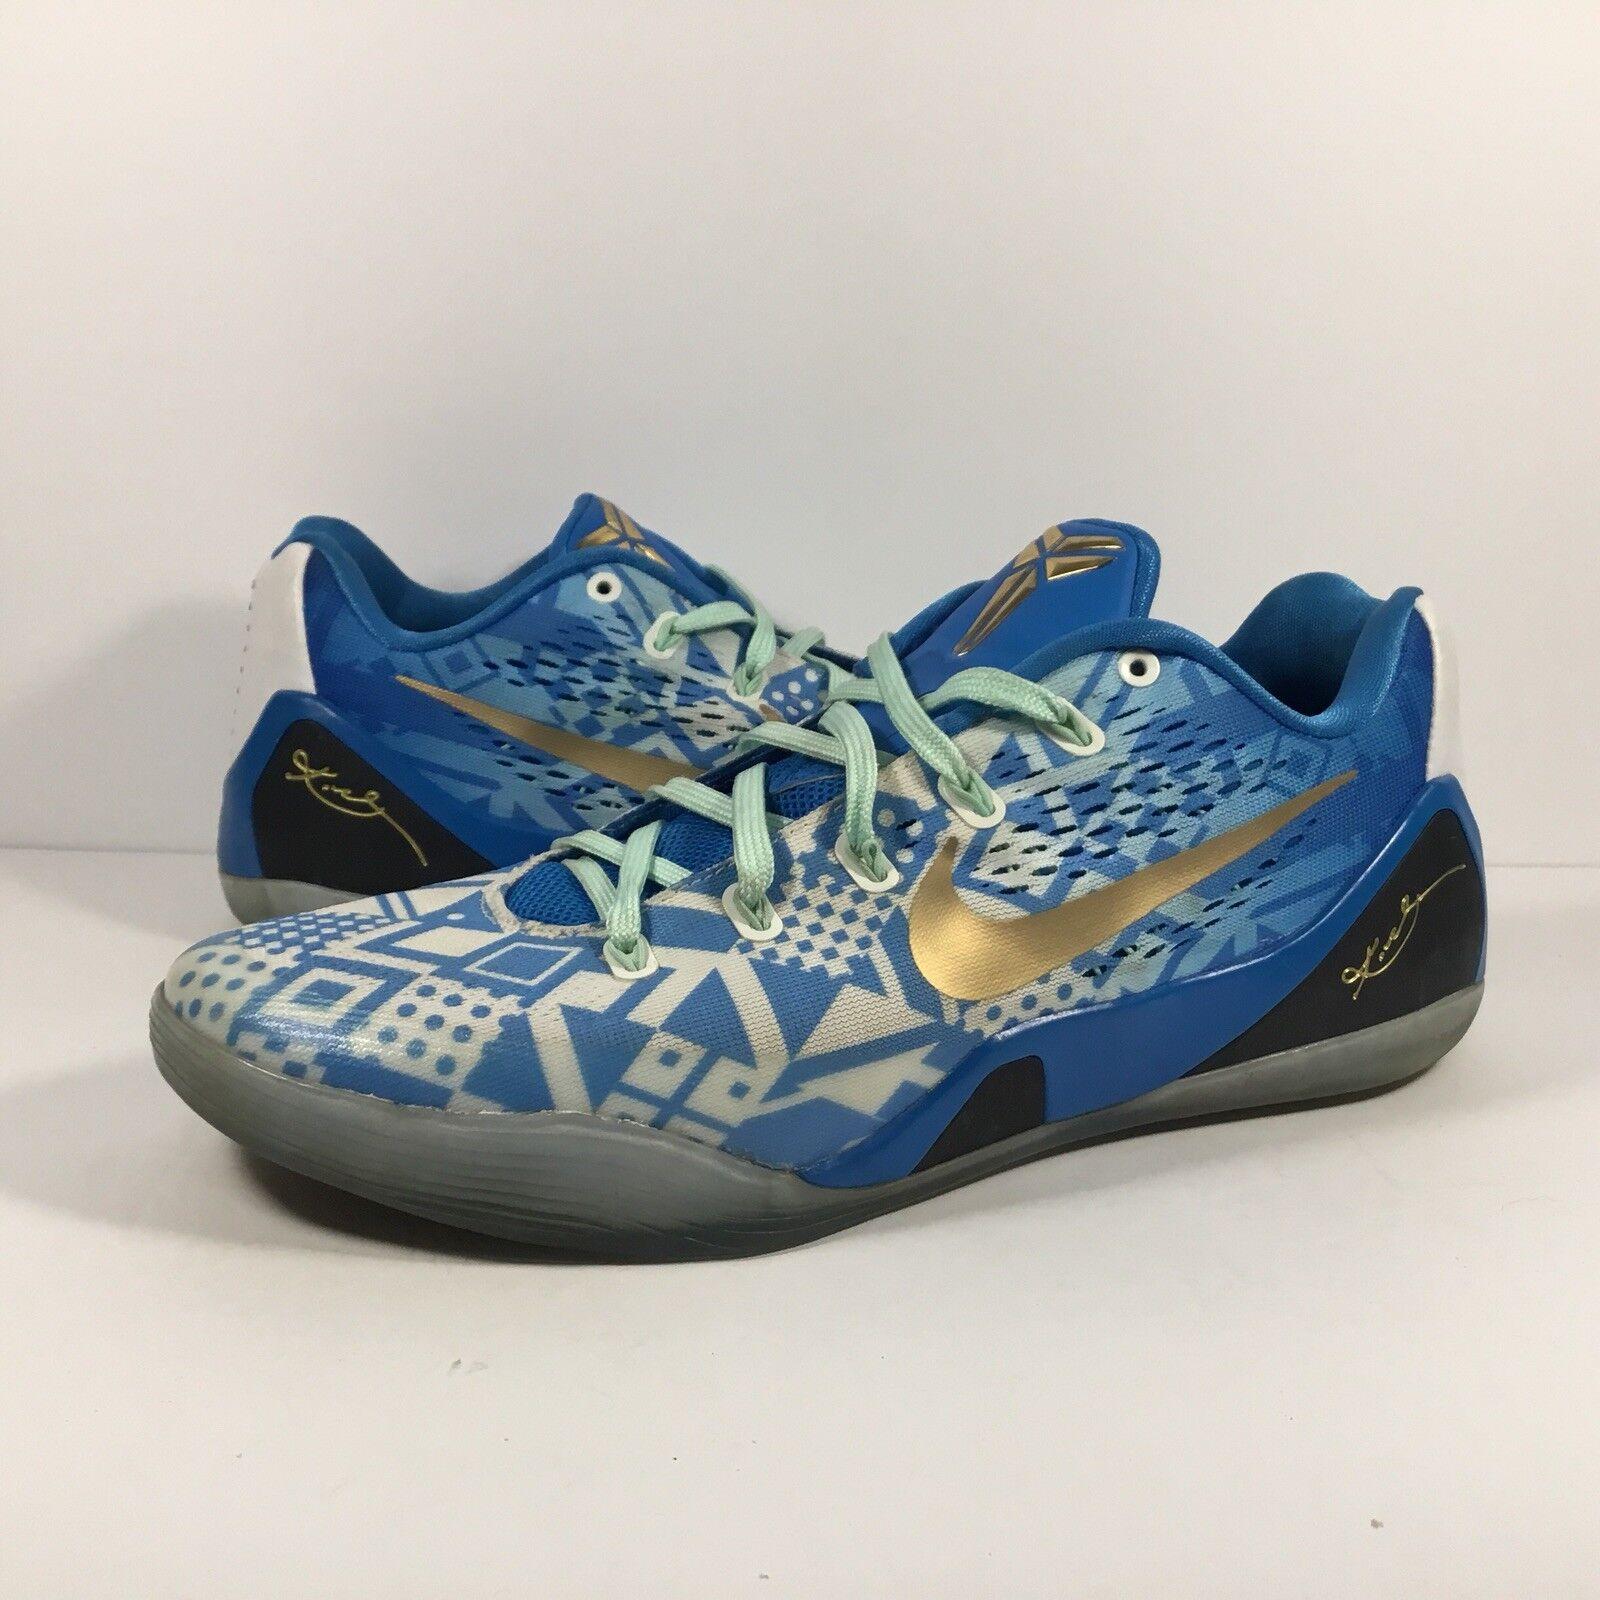 Nike Kobe 9 IX Hyper Cobalt